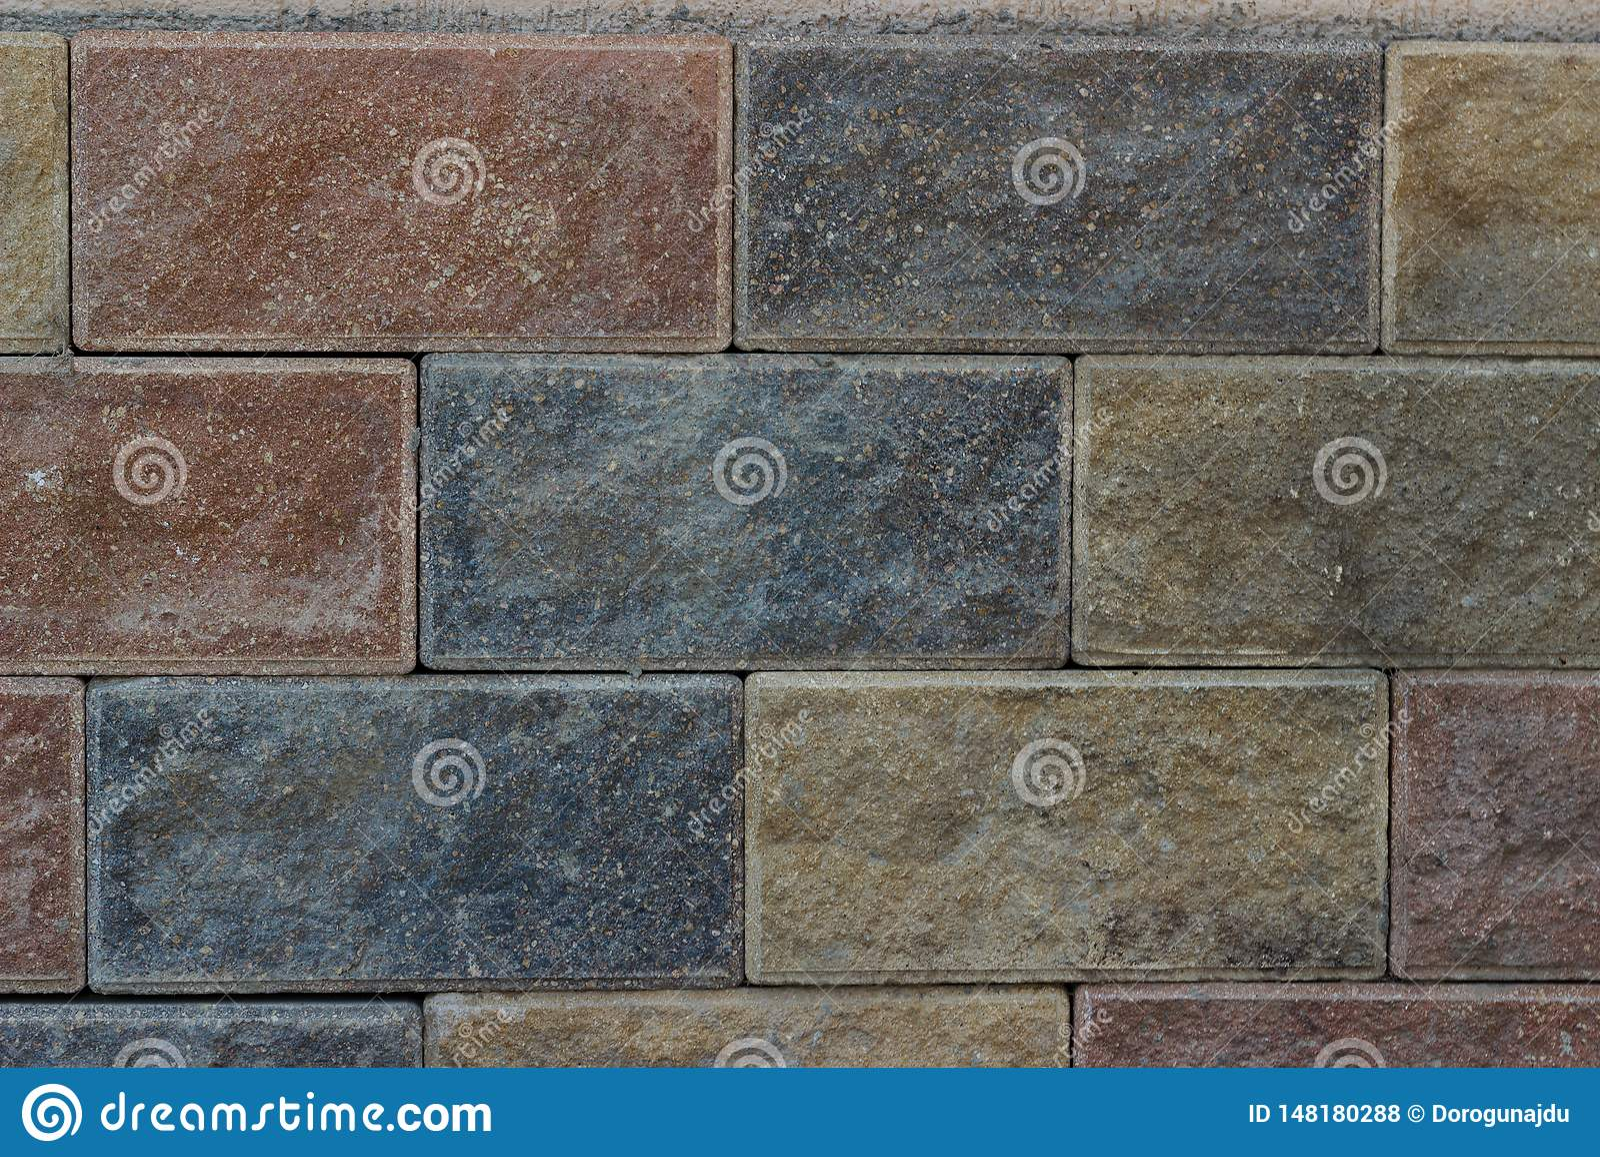 Van de textuur multicolored bakstenen van de steenmuur frontale zolder als achtergrond